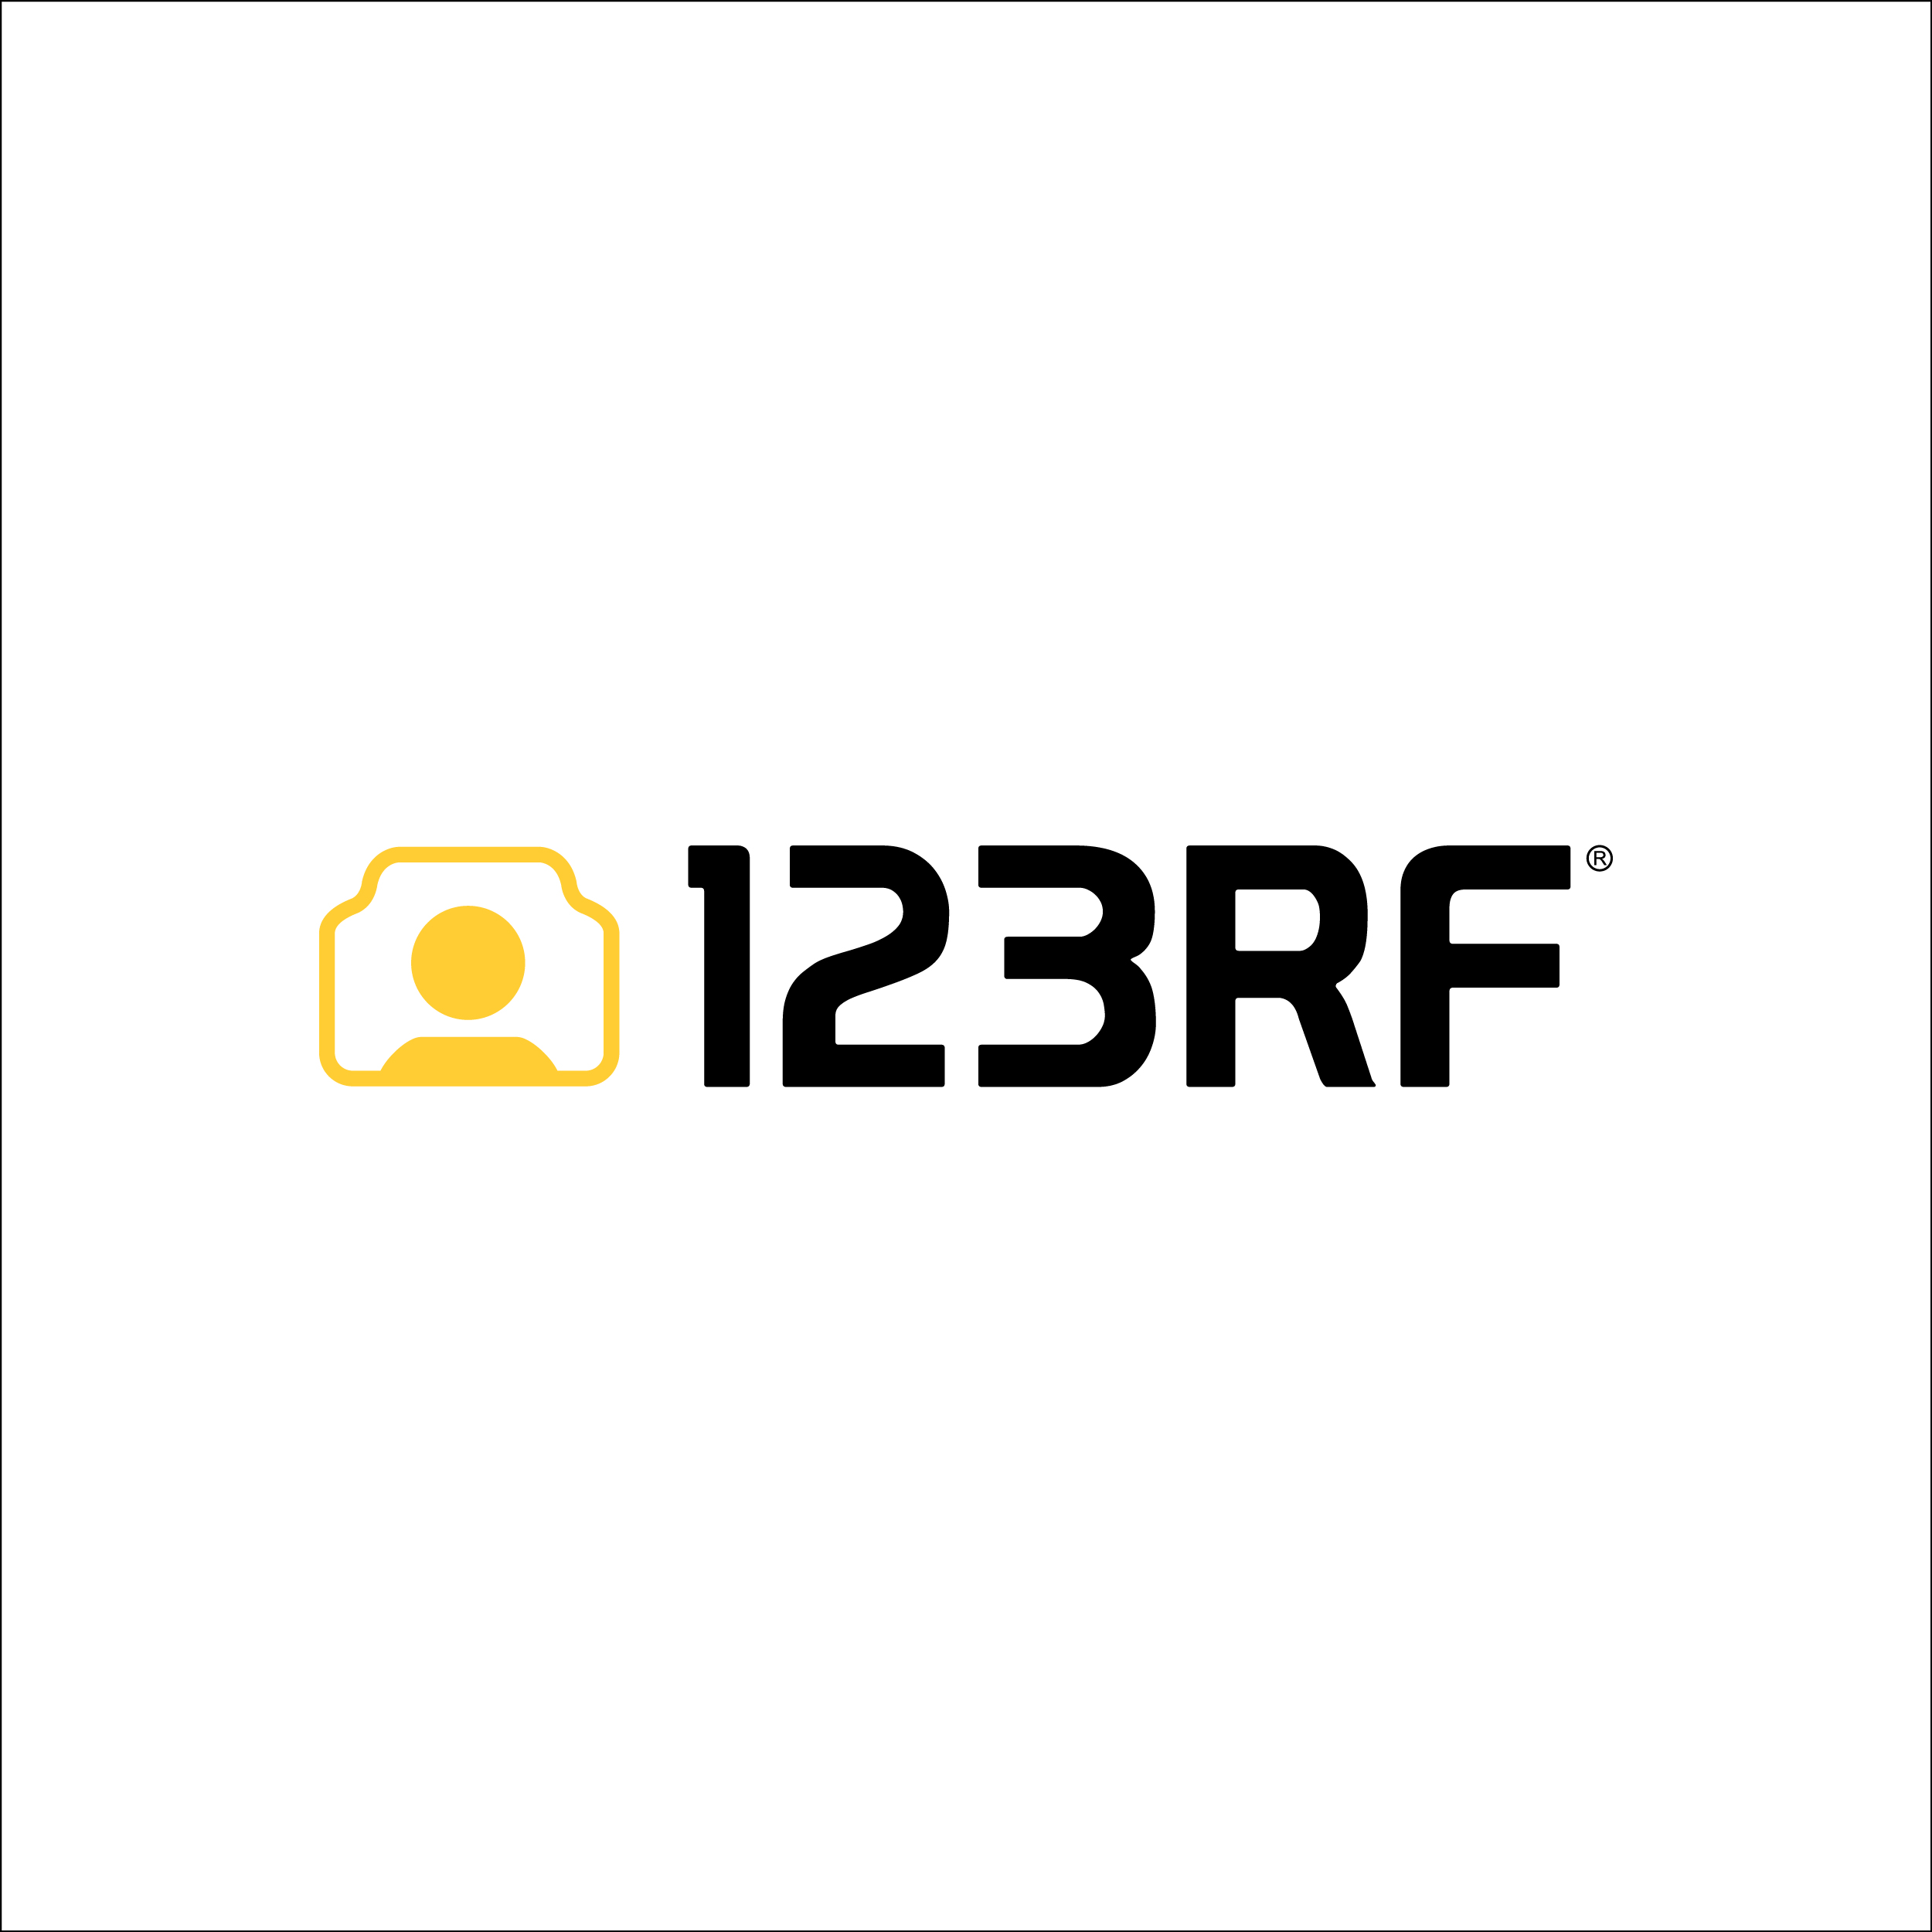 123RF-logo-01.jpg